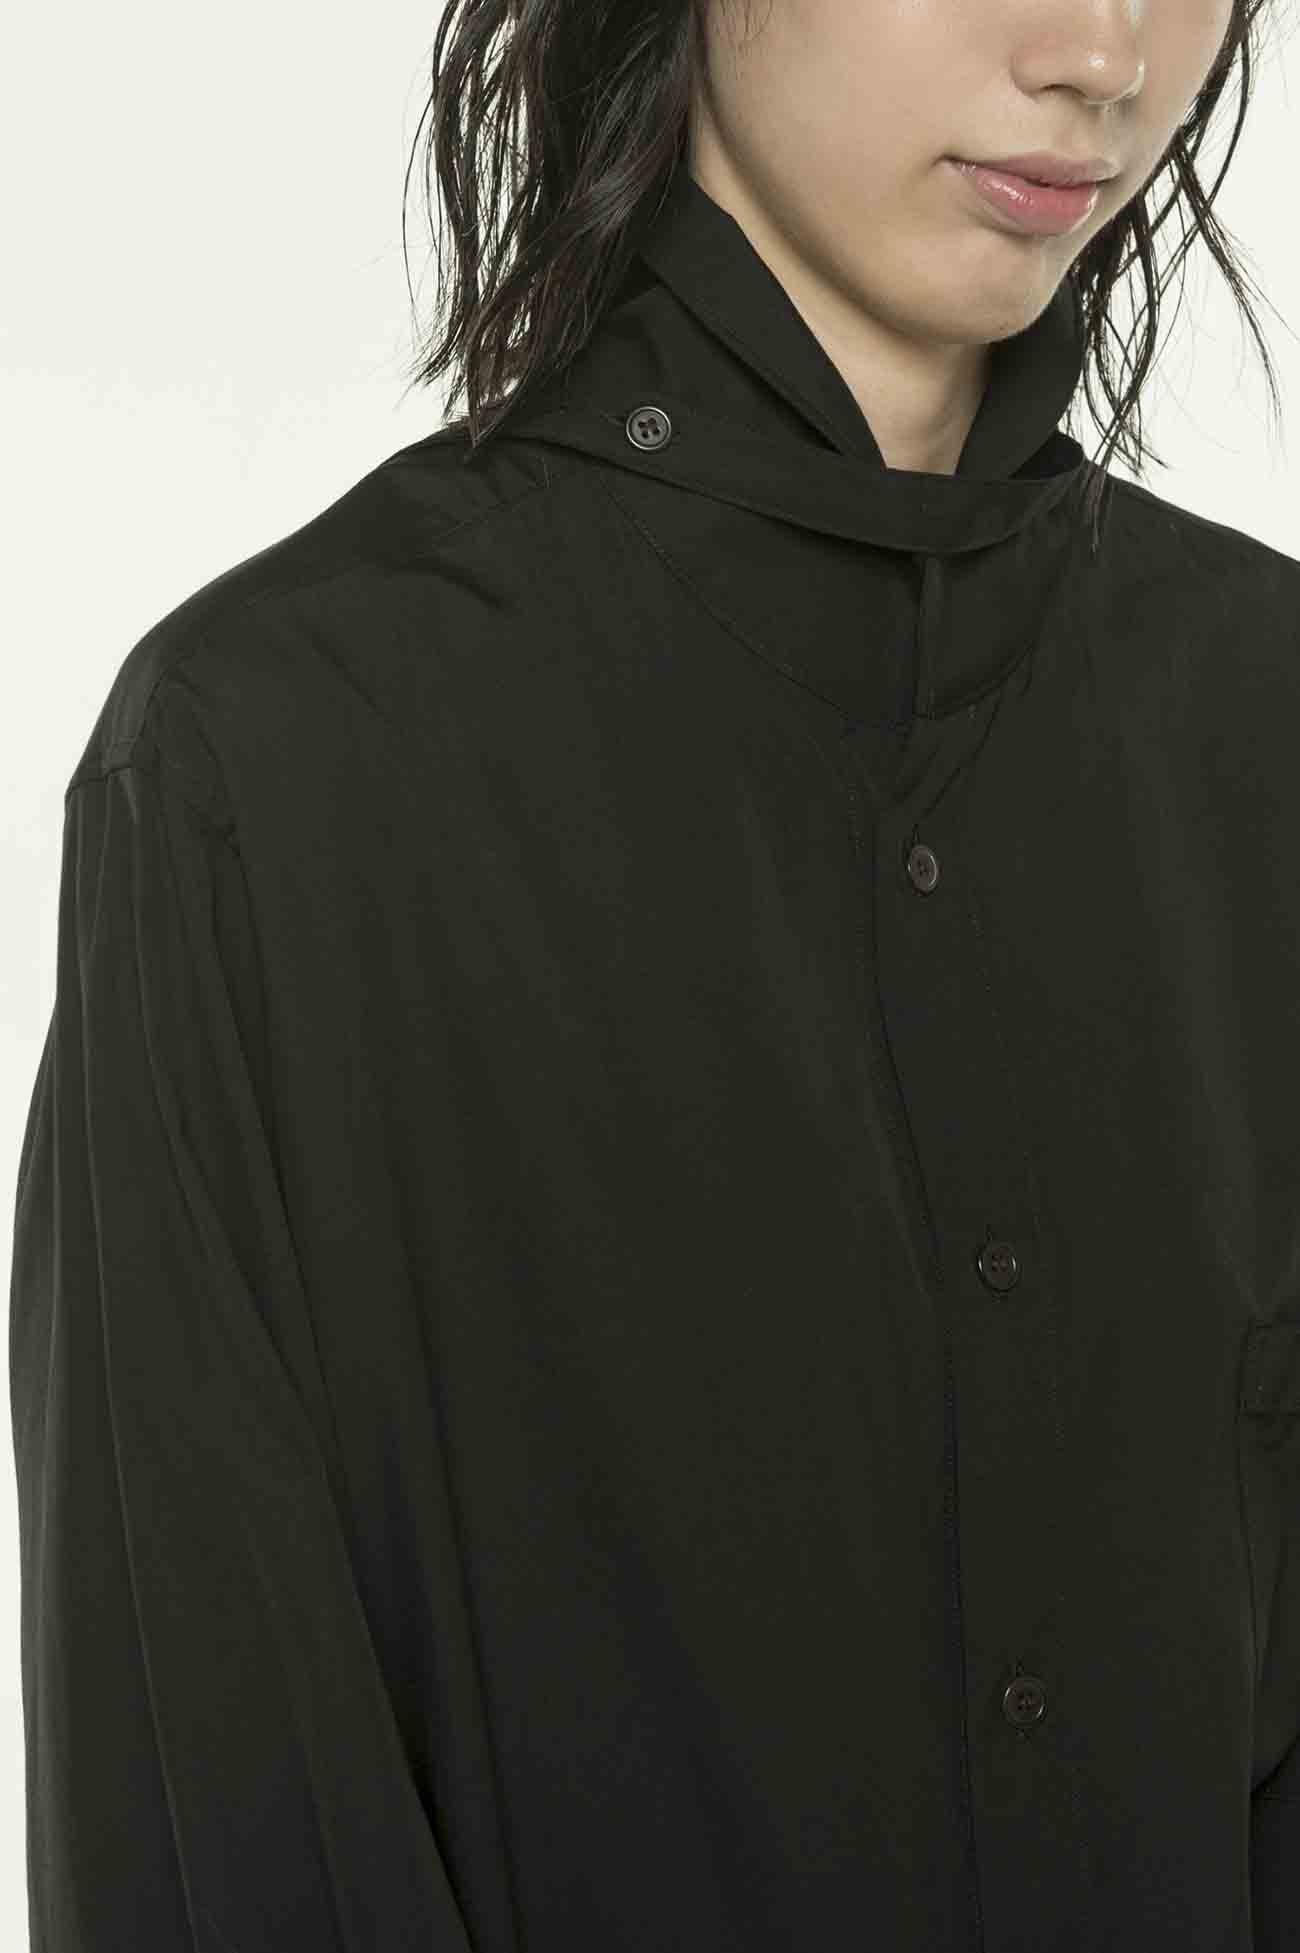 绑带领口长款衬衫